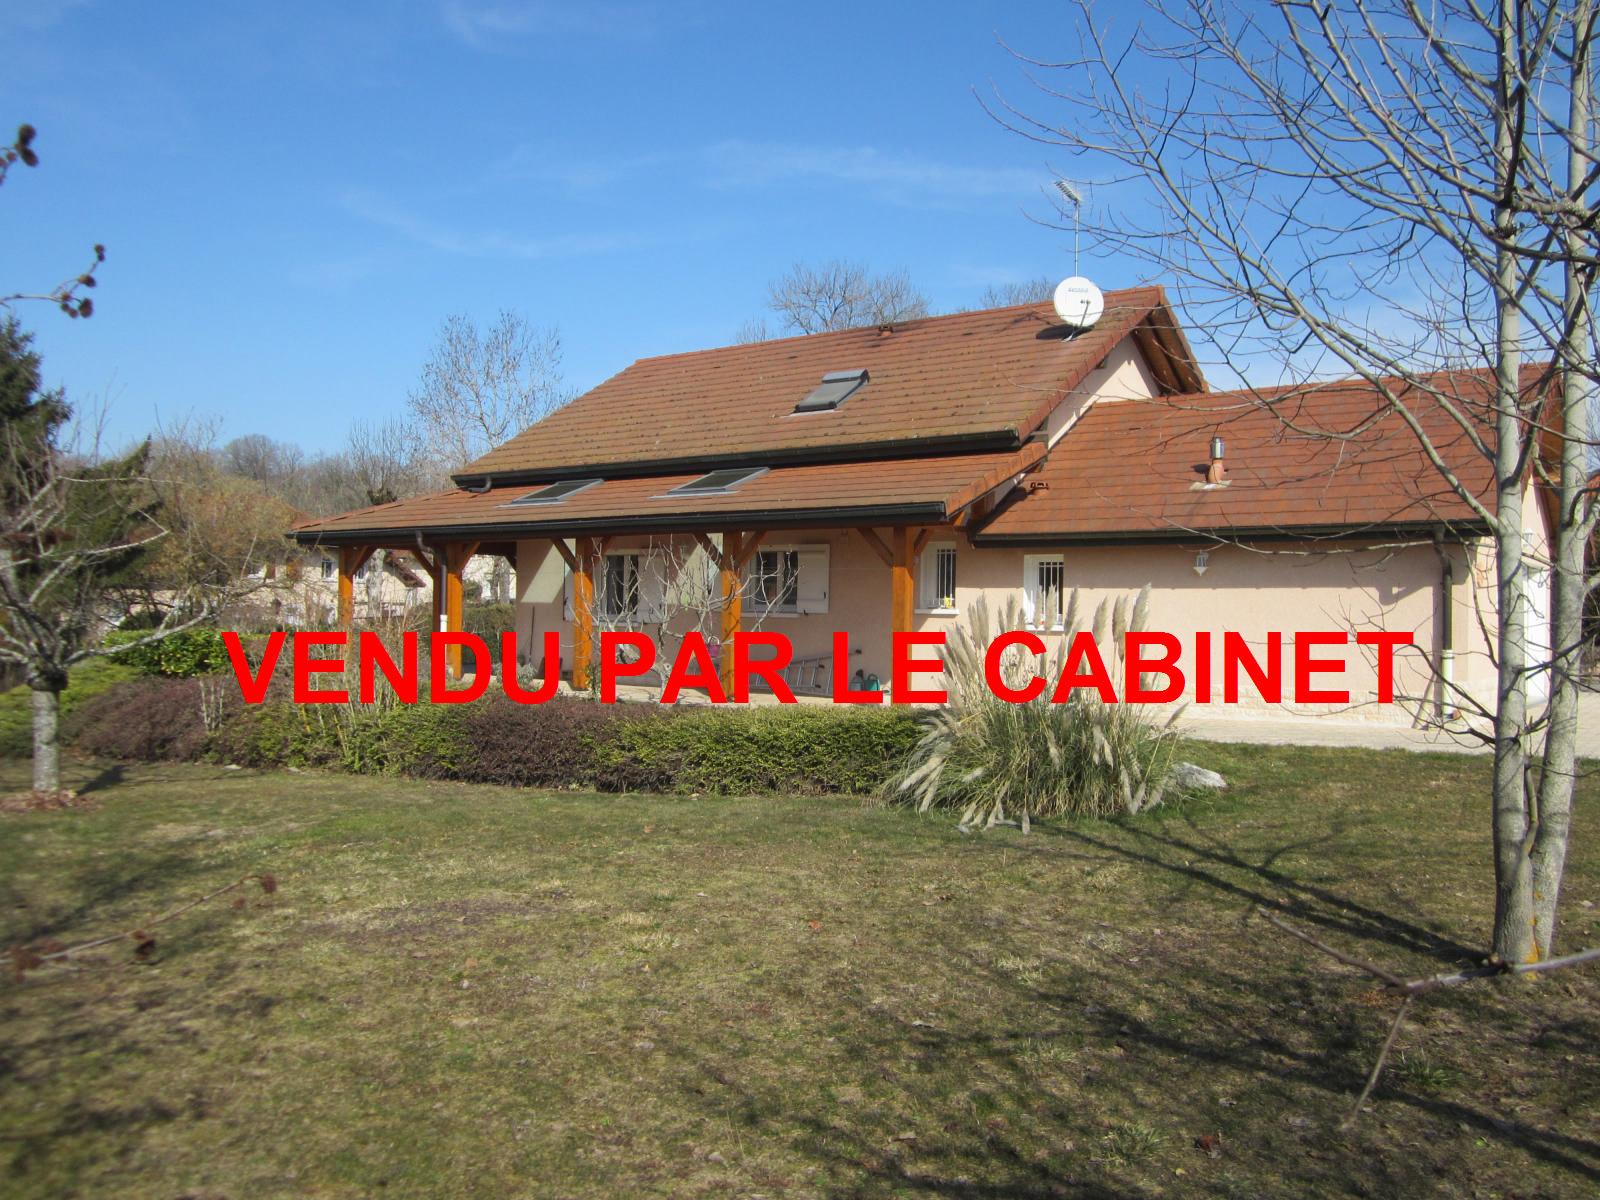 EXCLUSIVITE 5 min de Viry Maison de 2002 sur belle parcelle de 1800 m²... VENDU PAR LE CABINET